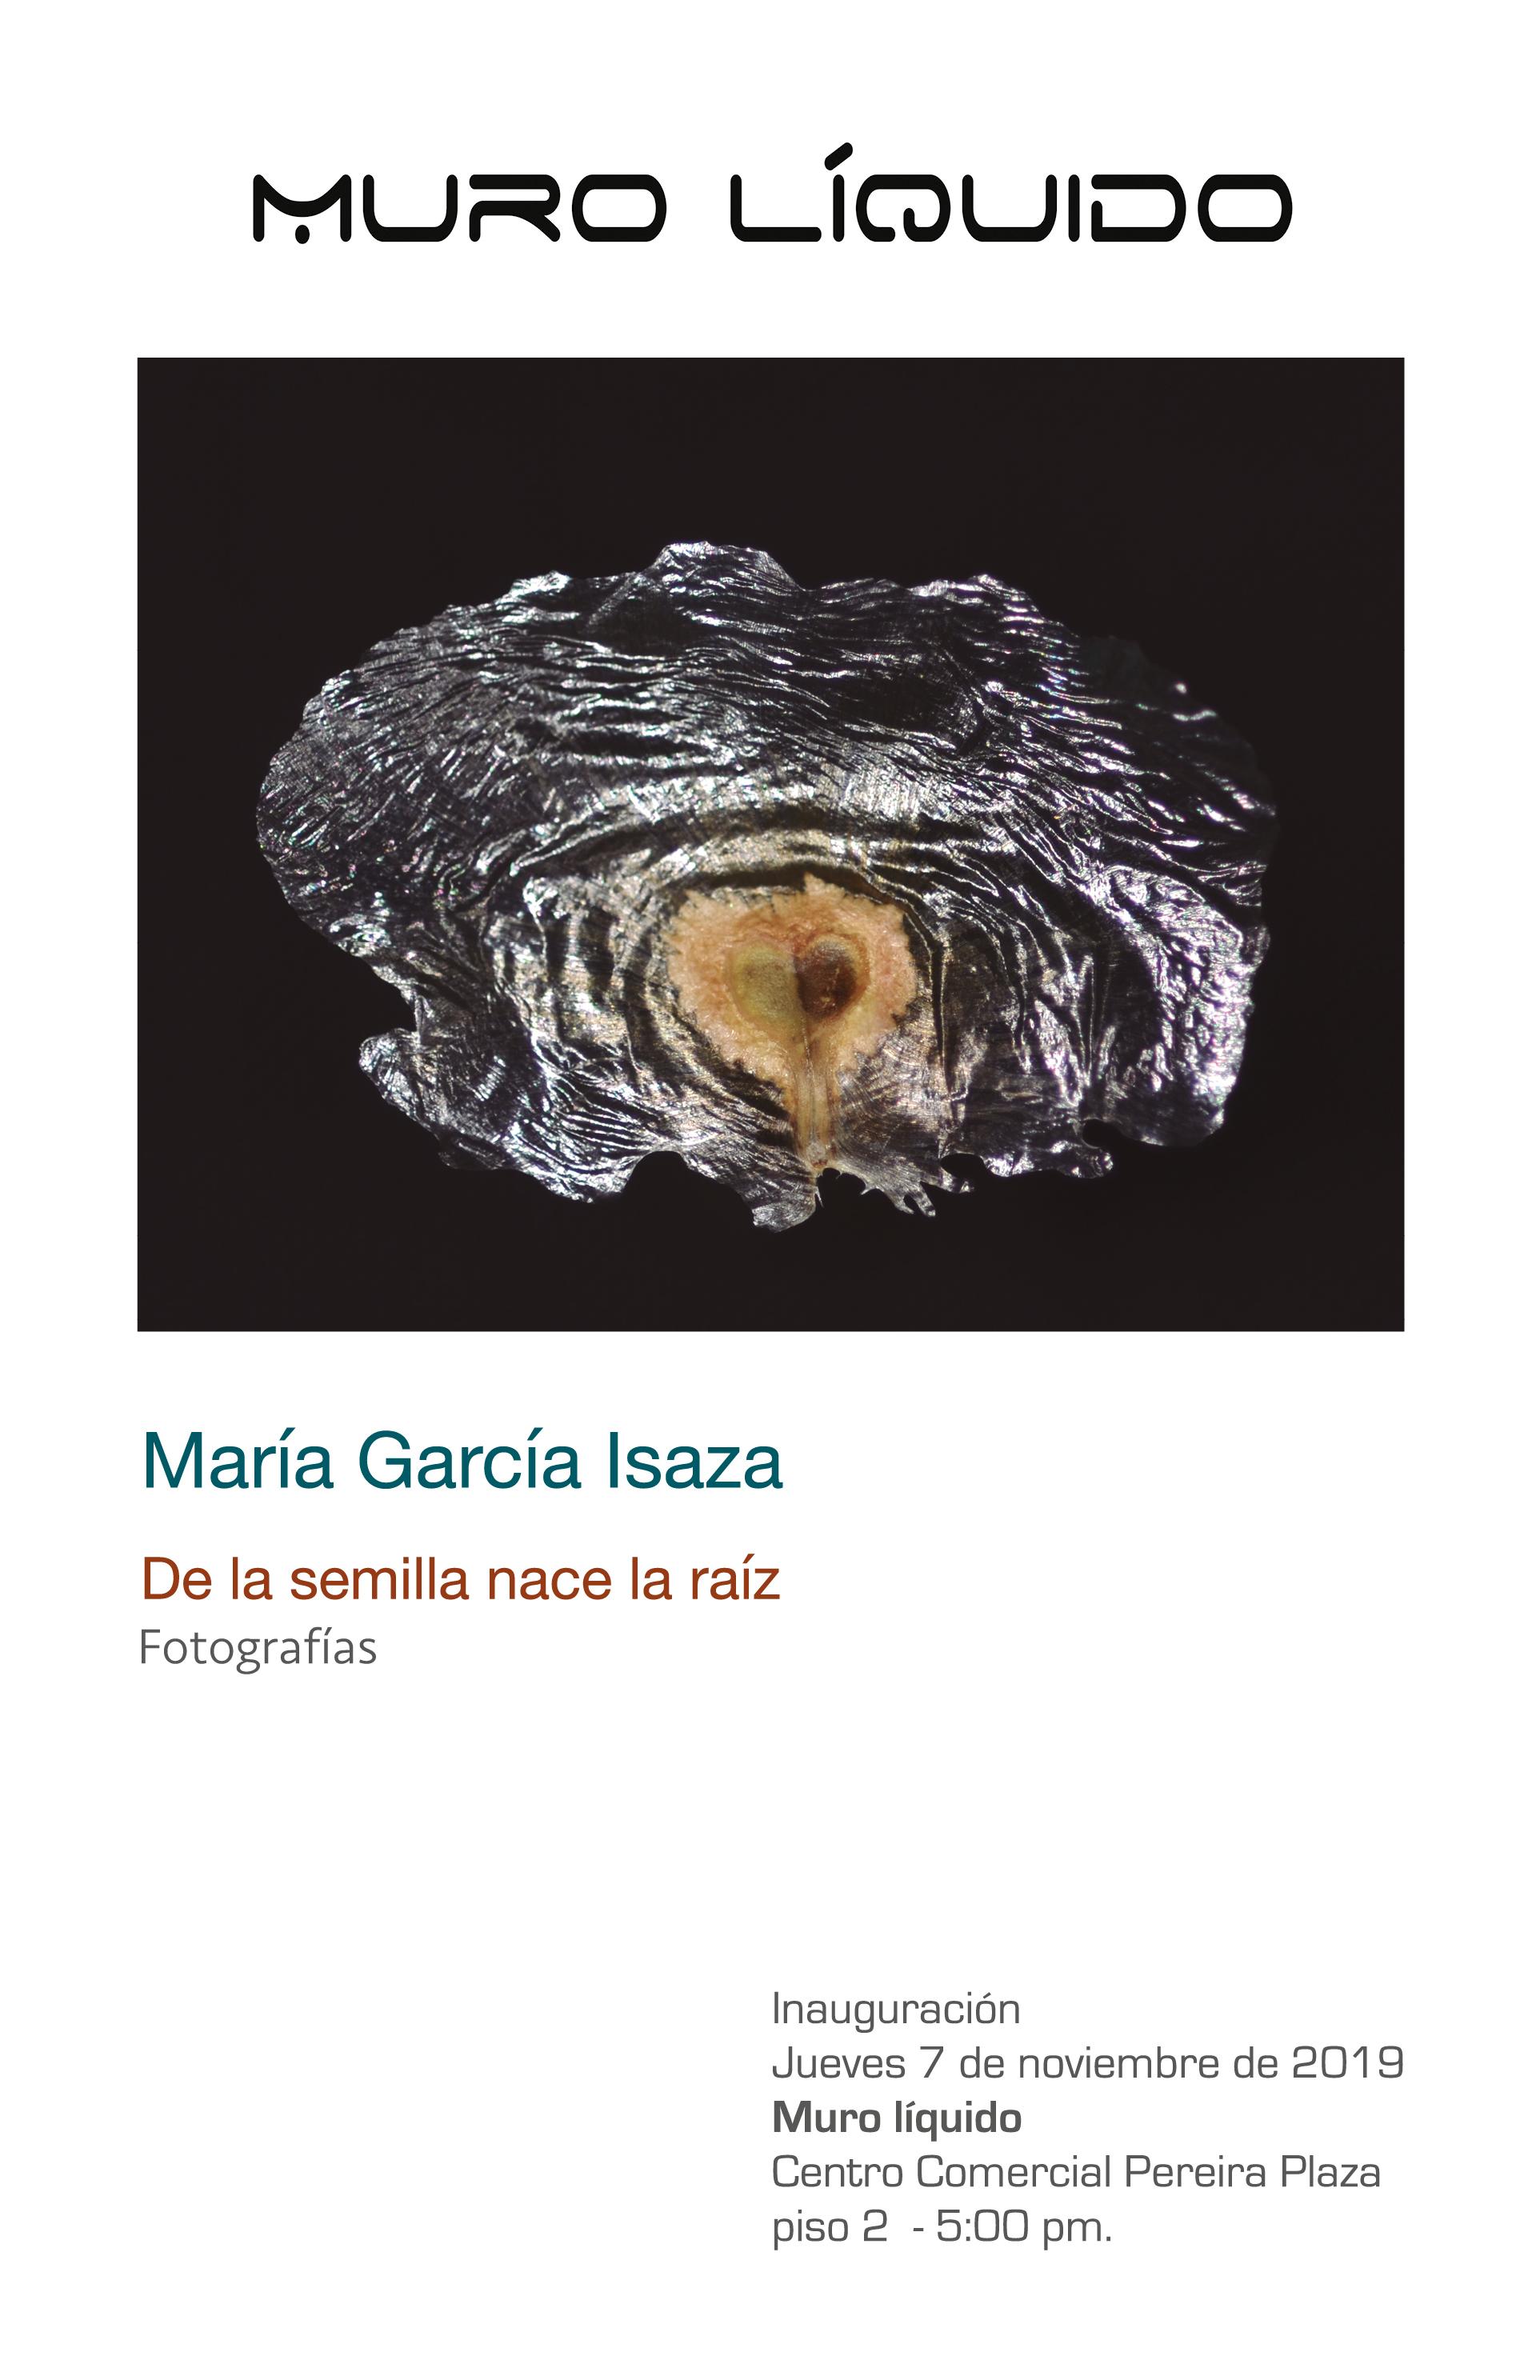 """Exposición  """"De la semilla nace la raíz"""", en el Muro Líquido del Centro Comercial Pereira Plaza"""